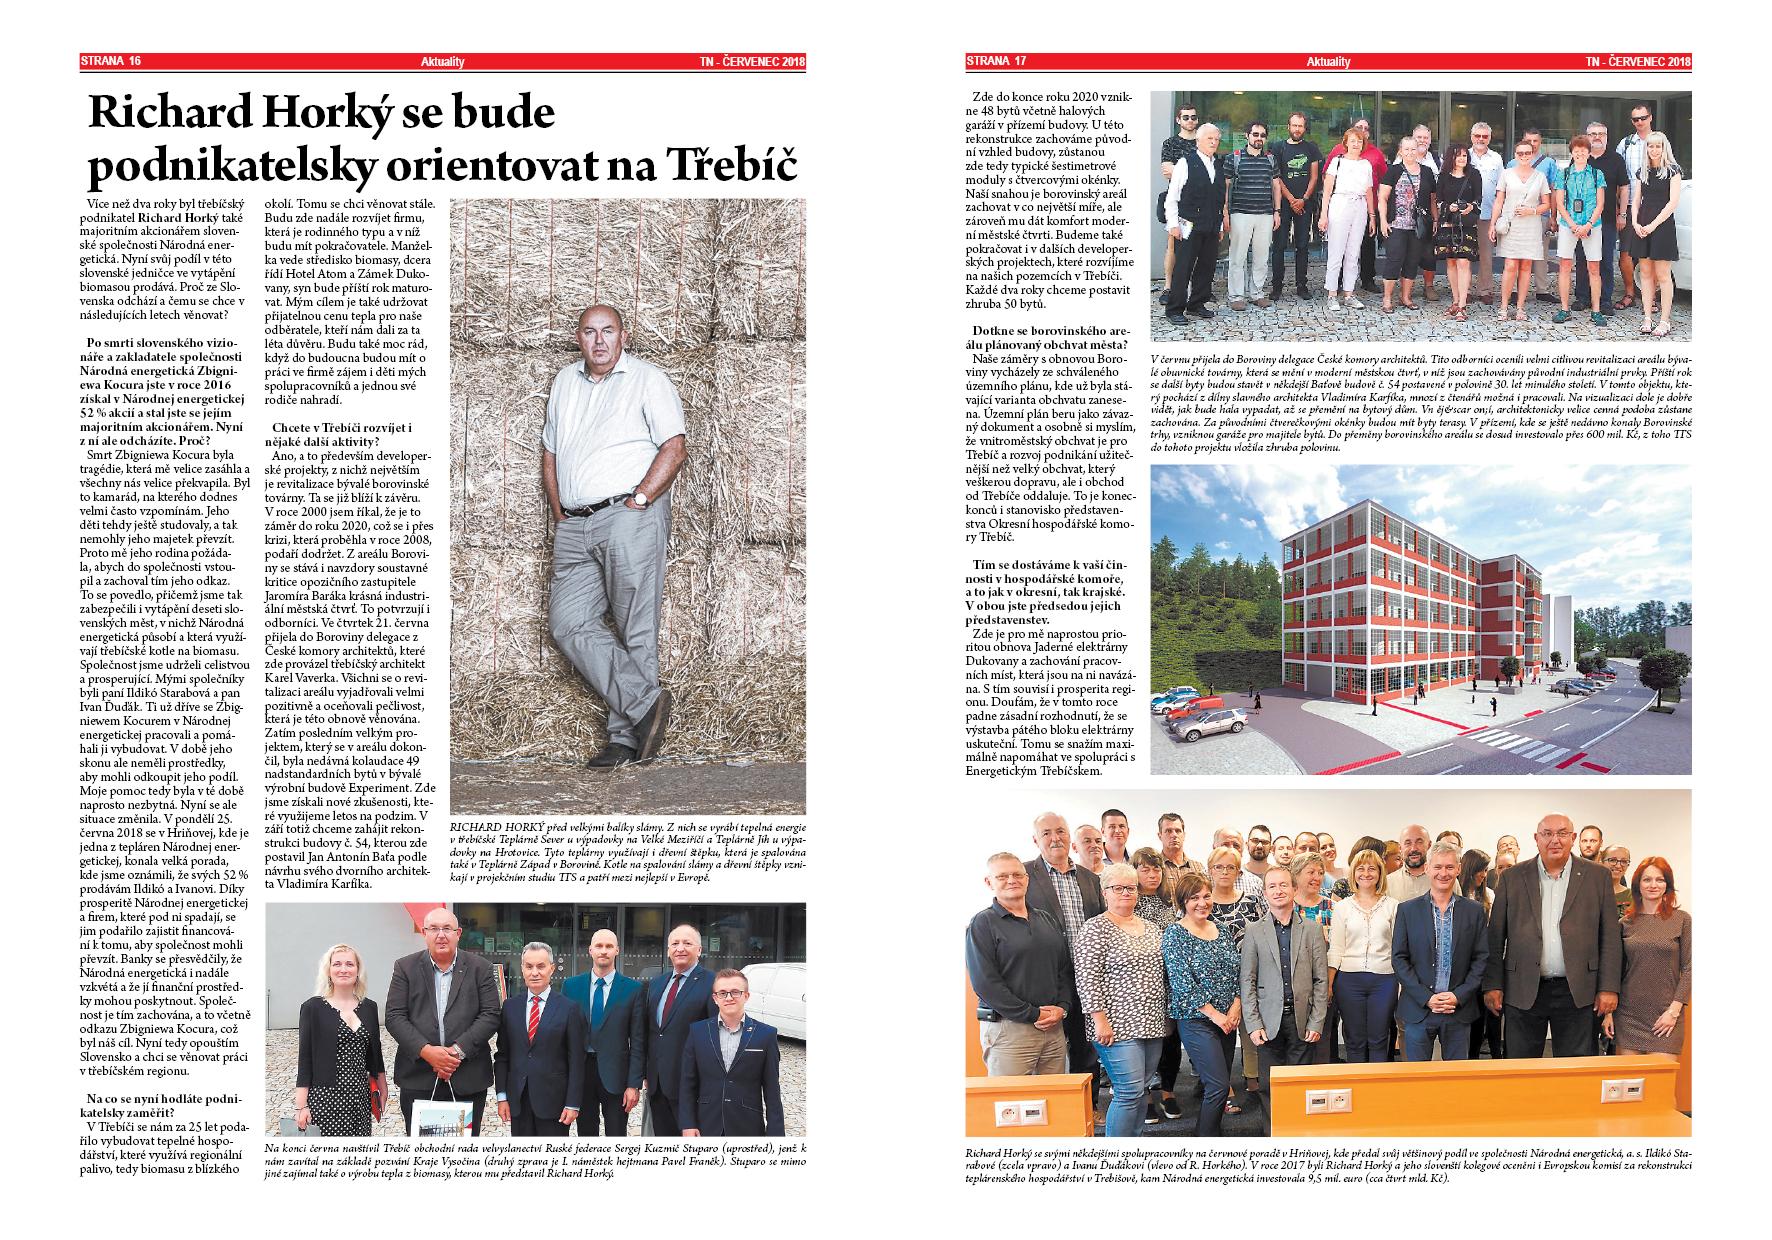 Třebíčské noviny - Richard Horký